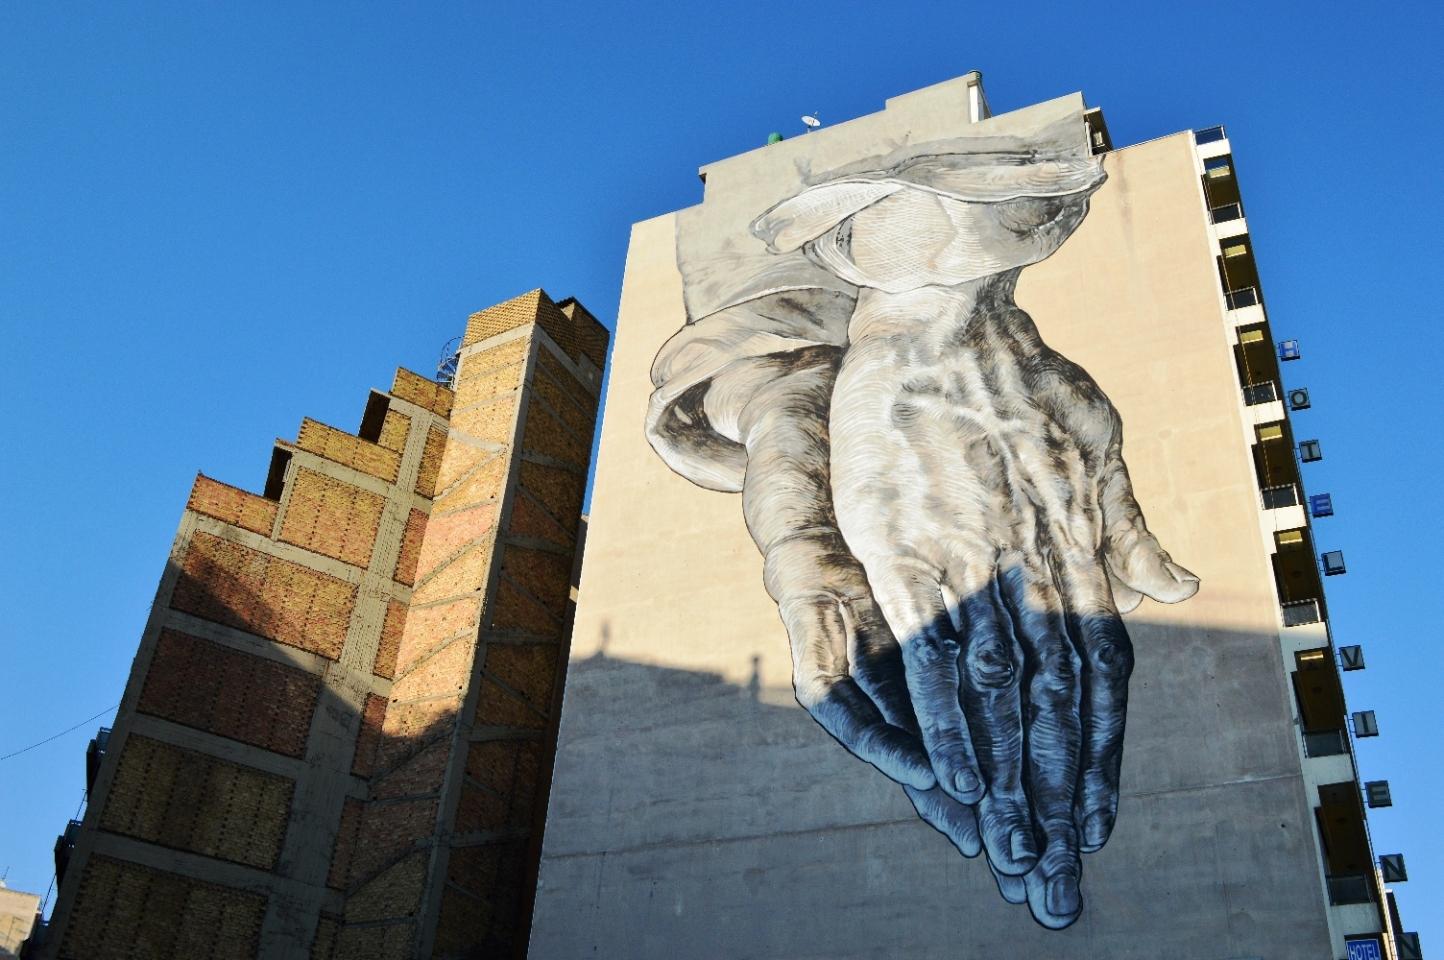 Wall painting at Peireos Avenue, near Metaksourgeio neighborhood, Athens, Greece